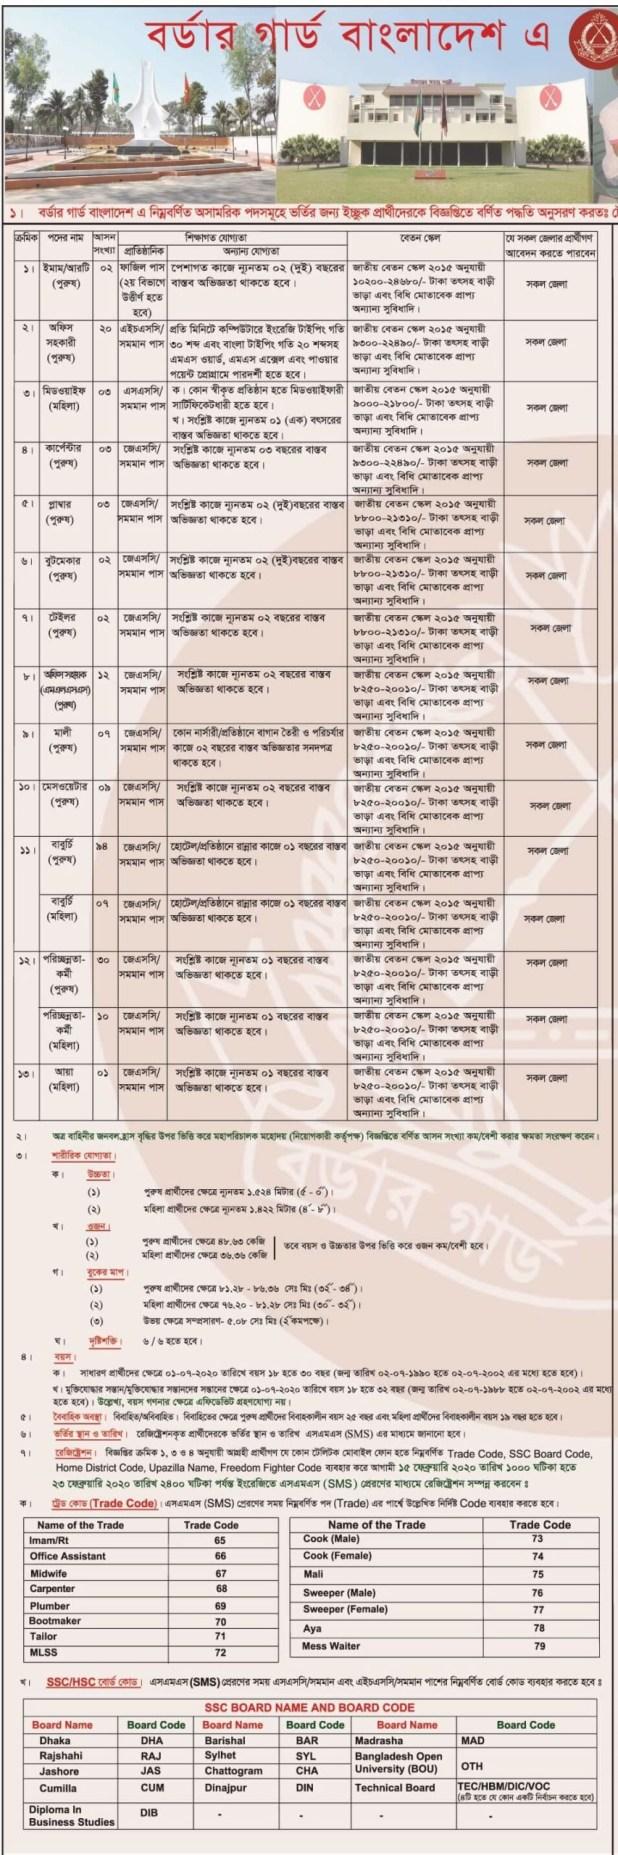 Bangladesh bgb job circular 2020